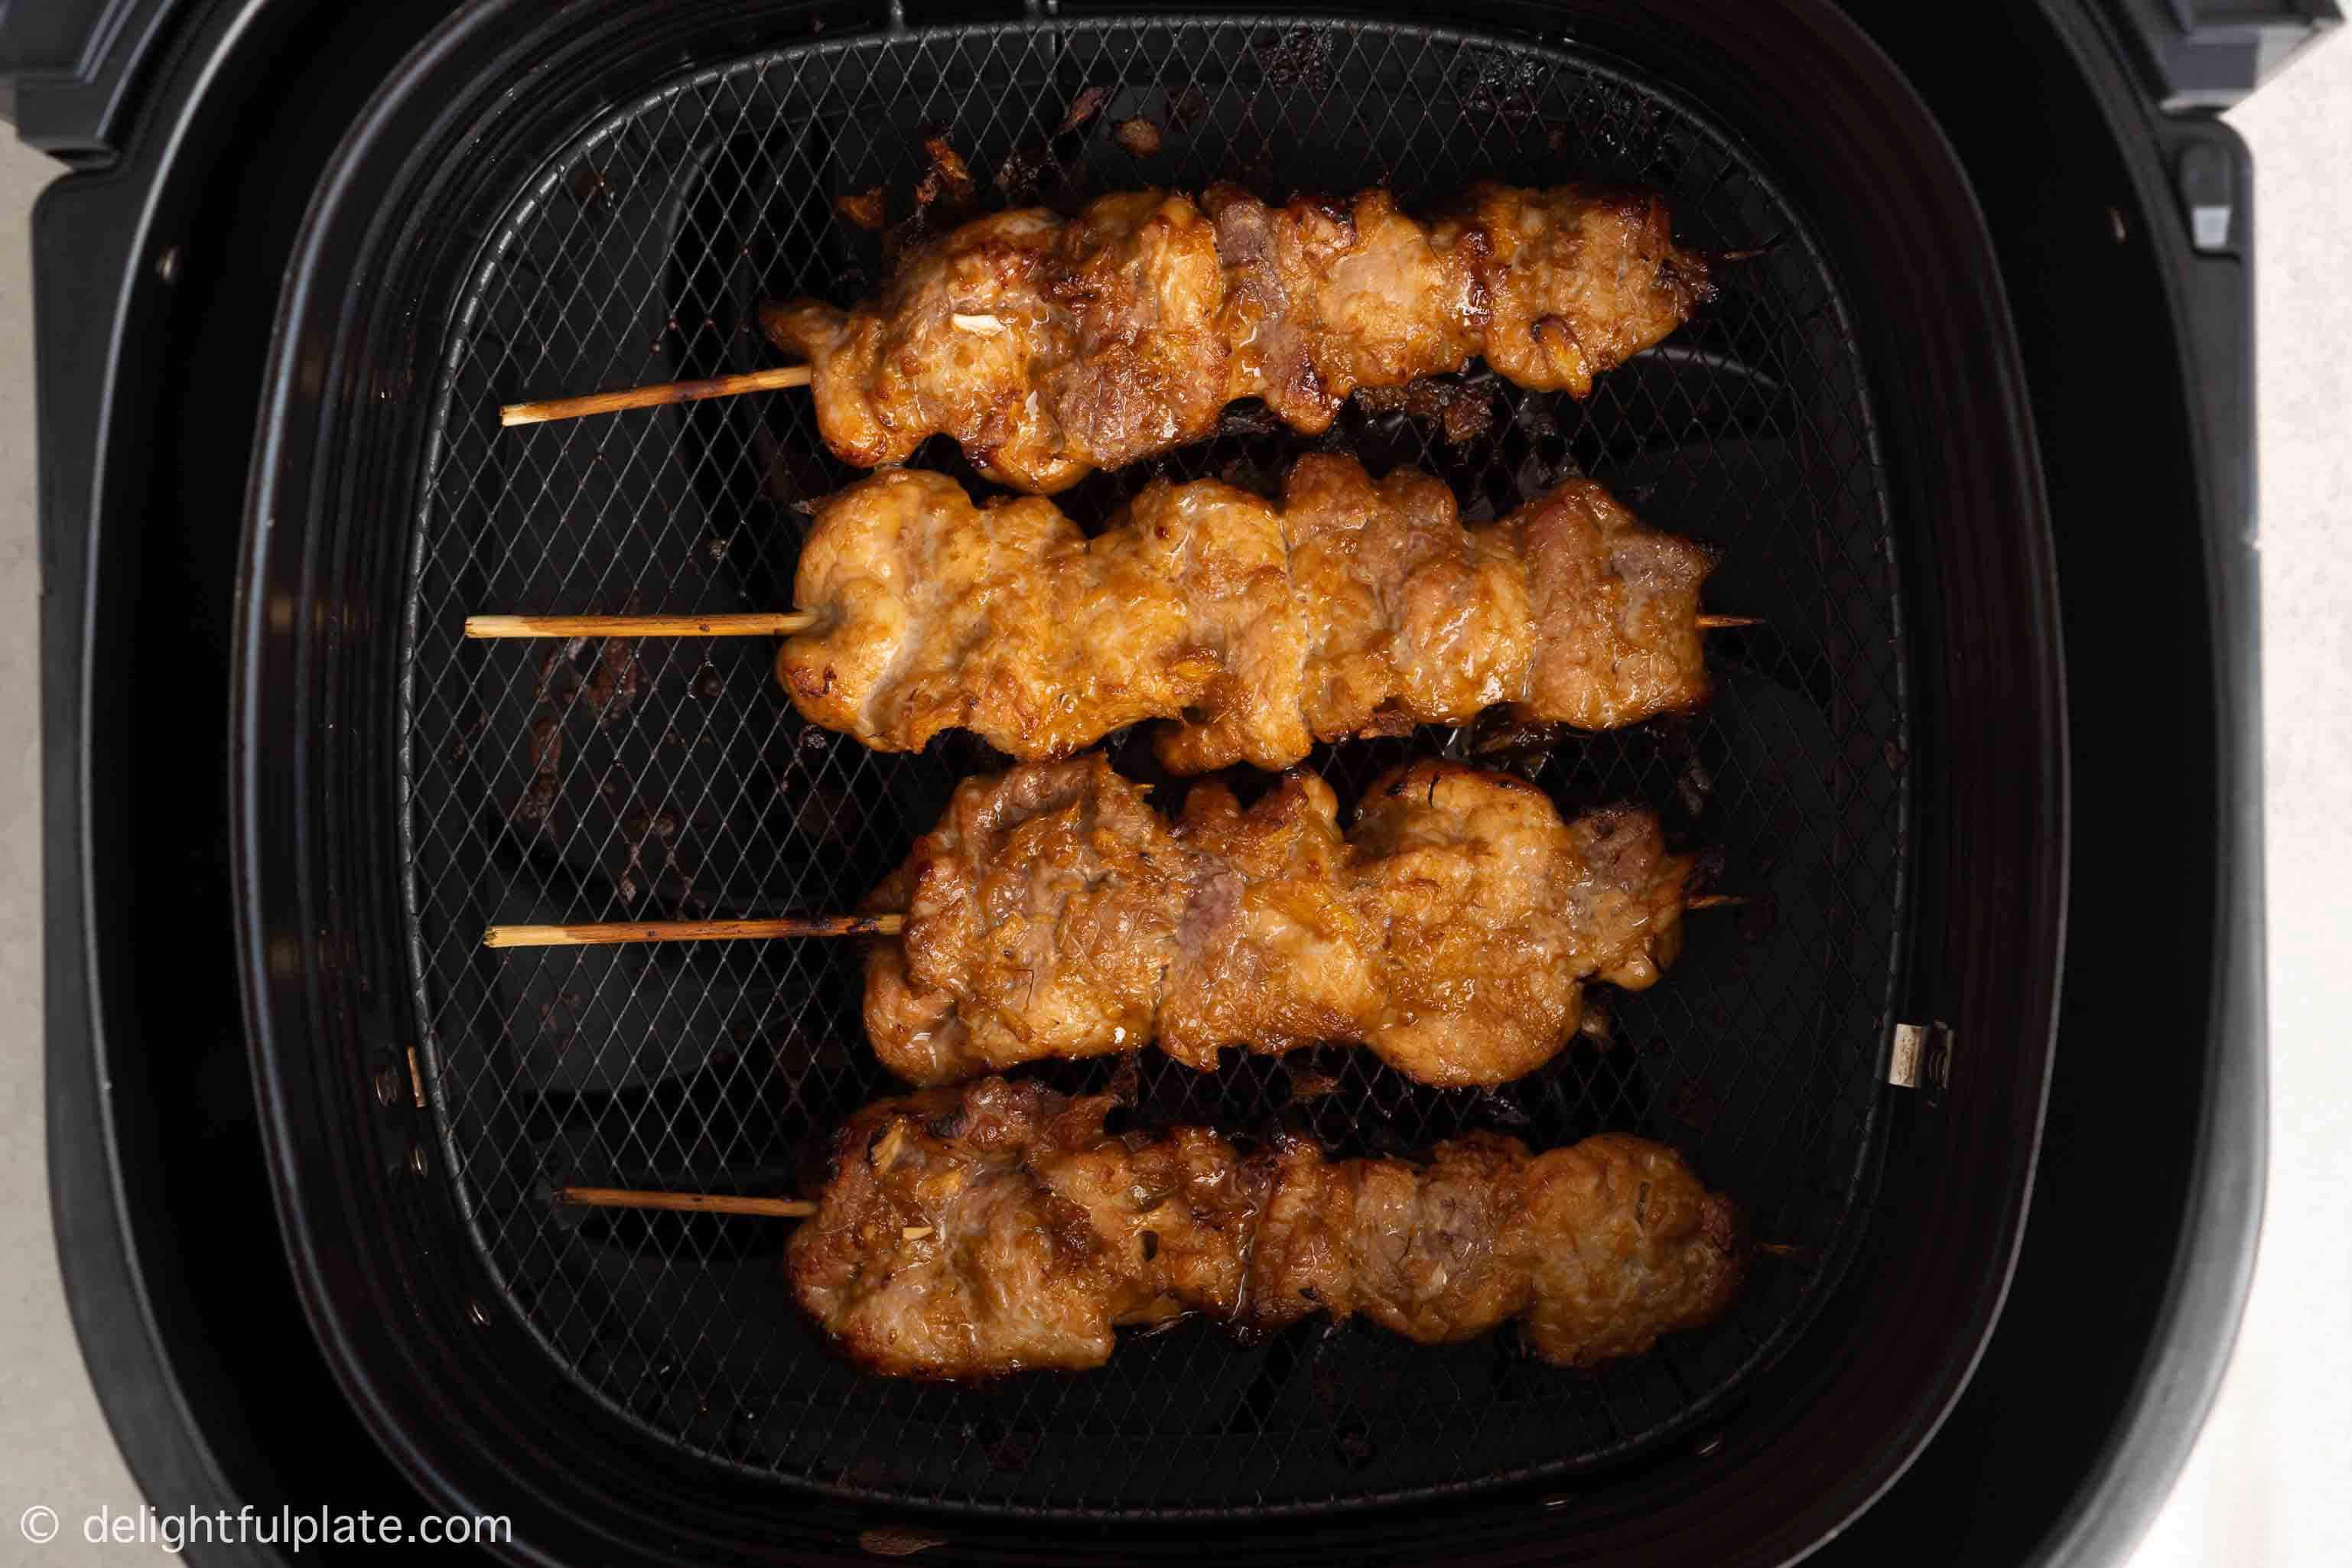 4 pork skewers in the air fryer basket